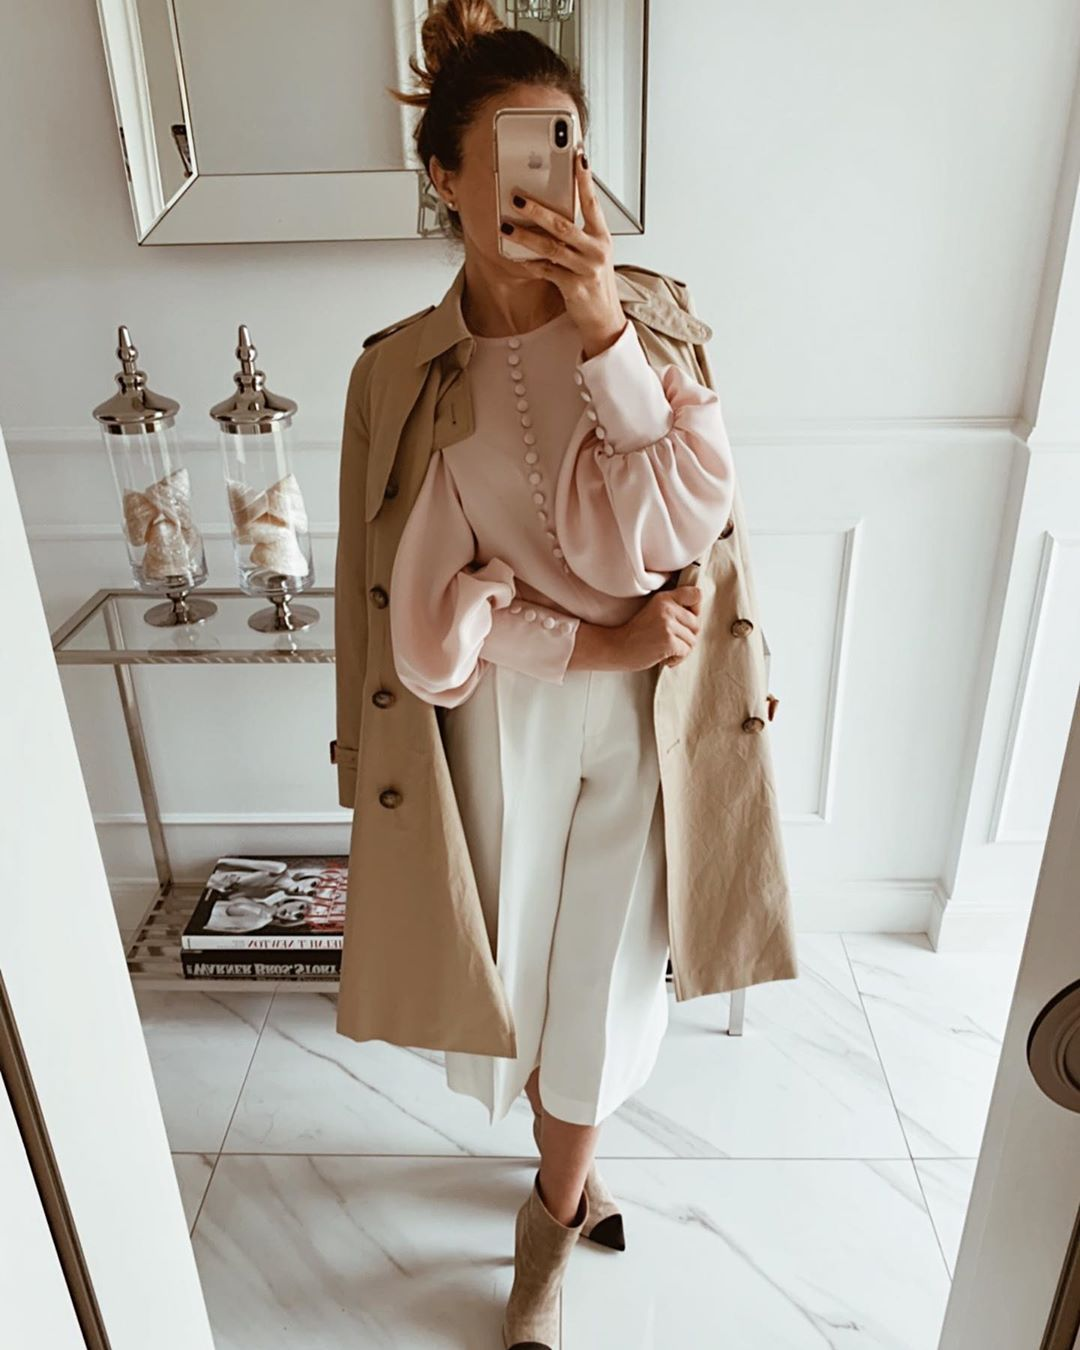 Модные образы осени 2019 для деловых женщин - 15 стильных идей мода,модный обзор,Наряды,образ,тенденции